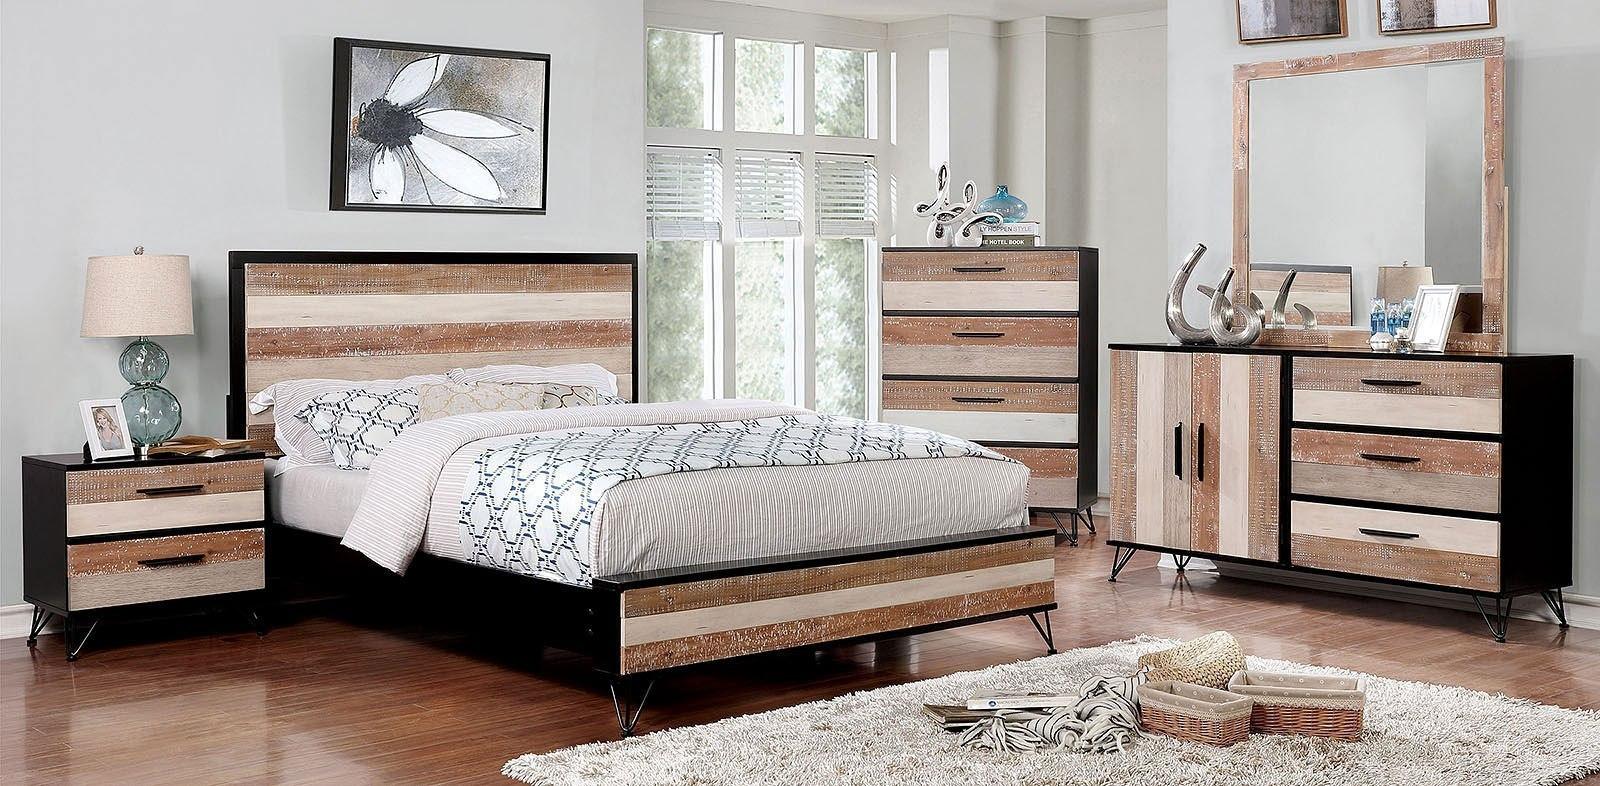 Hasselt platform bedroom set espresso multiple by furniture of america furniturepick